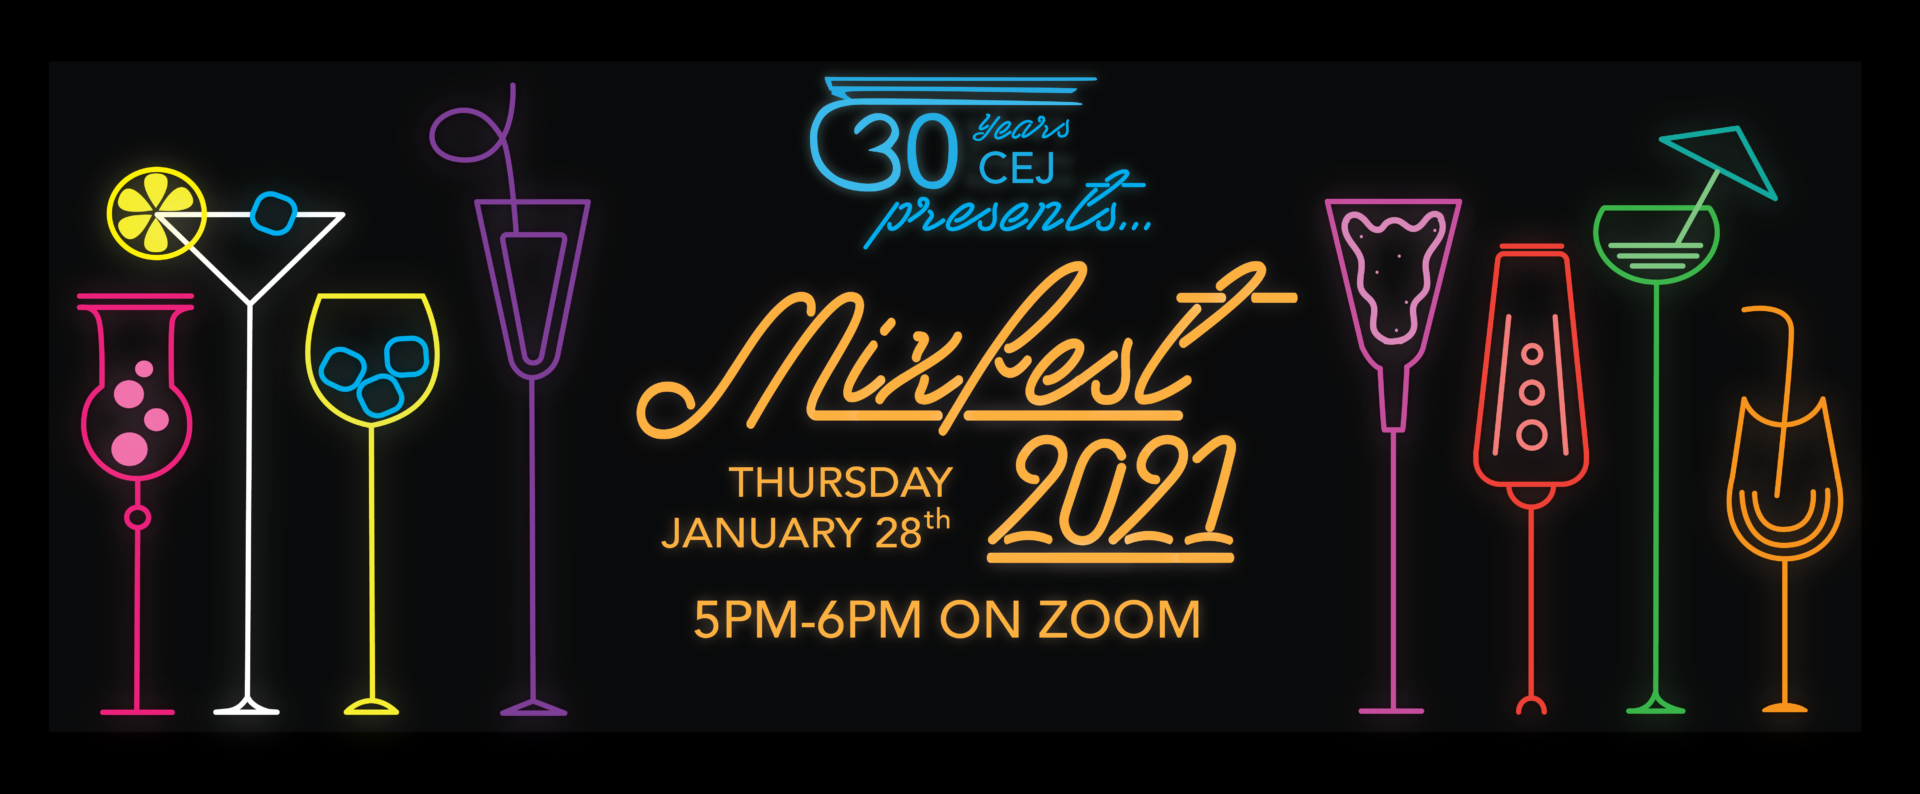 mixfest 2021 w CEJ